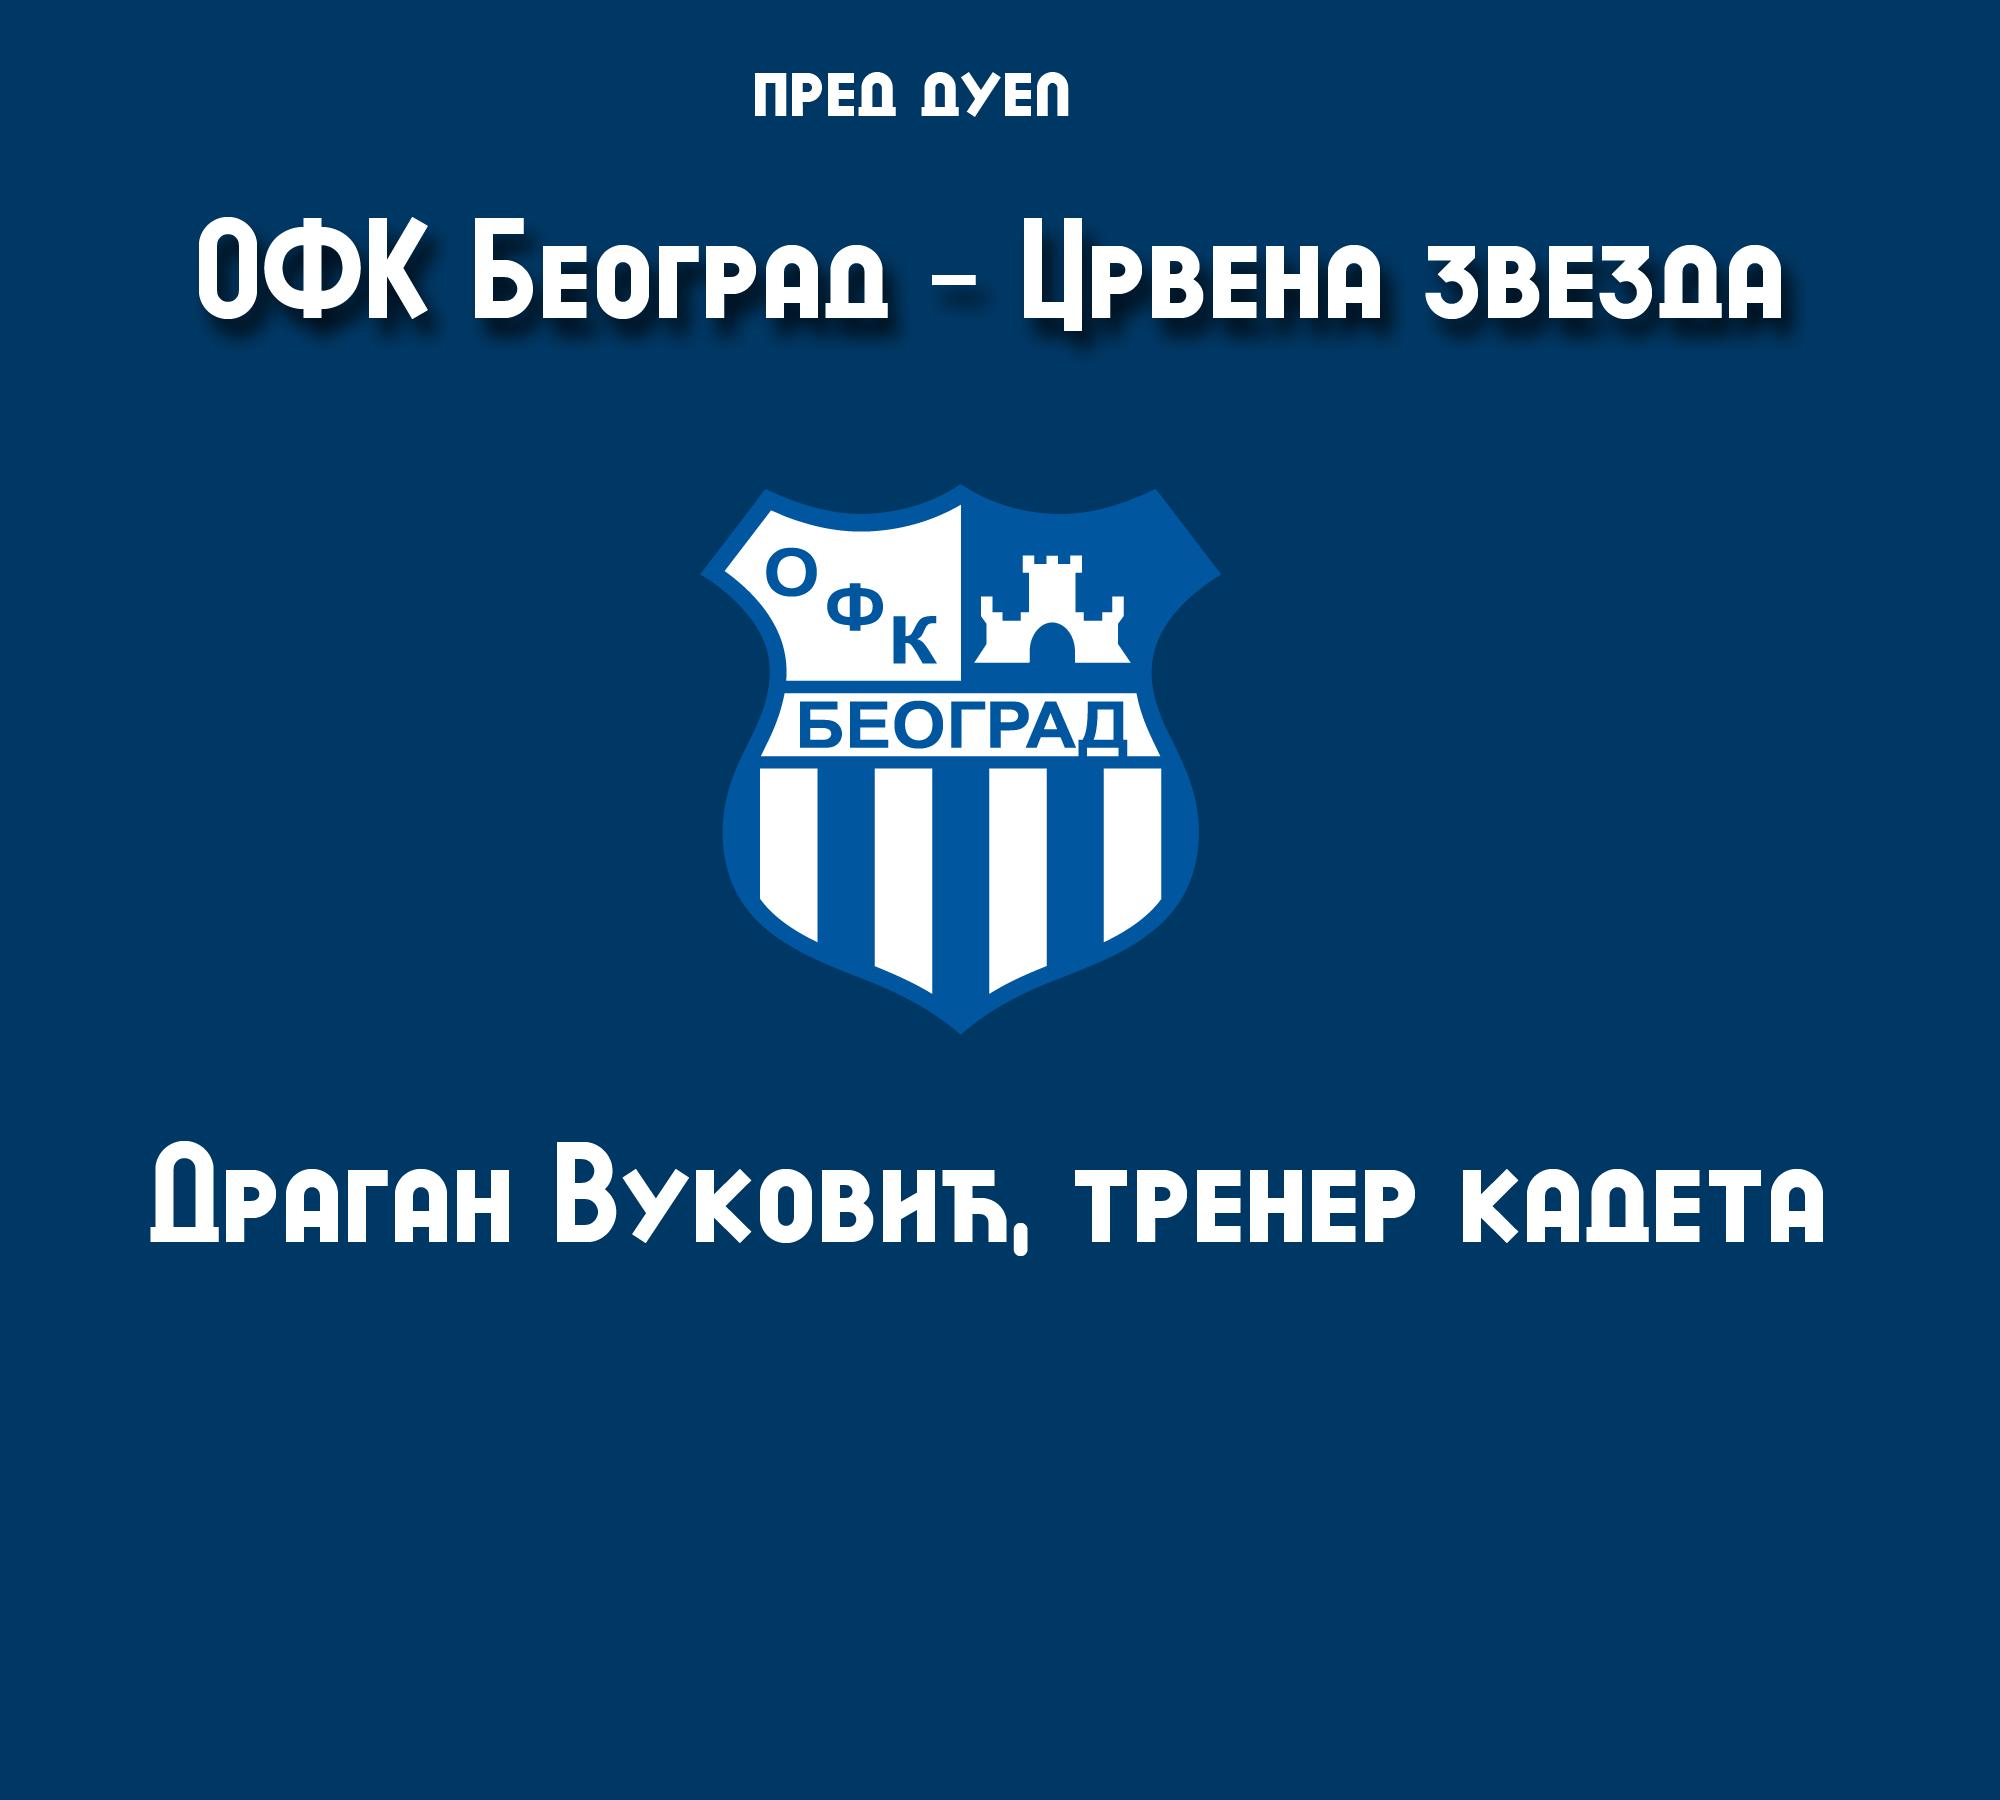 Пред дуел ОФК Београд – Црвена звезда (кадети) – Драган Вуковић, тренер